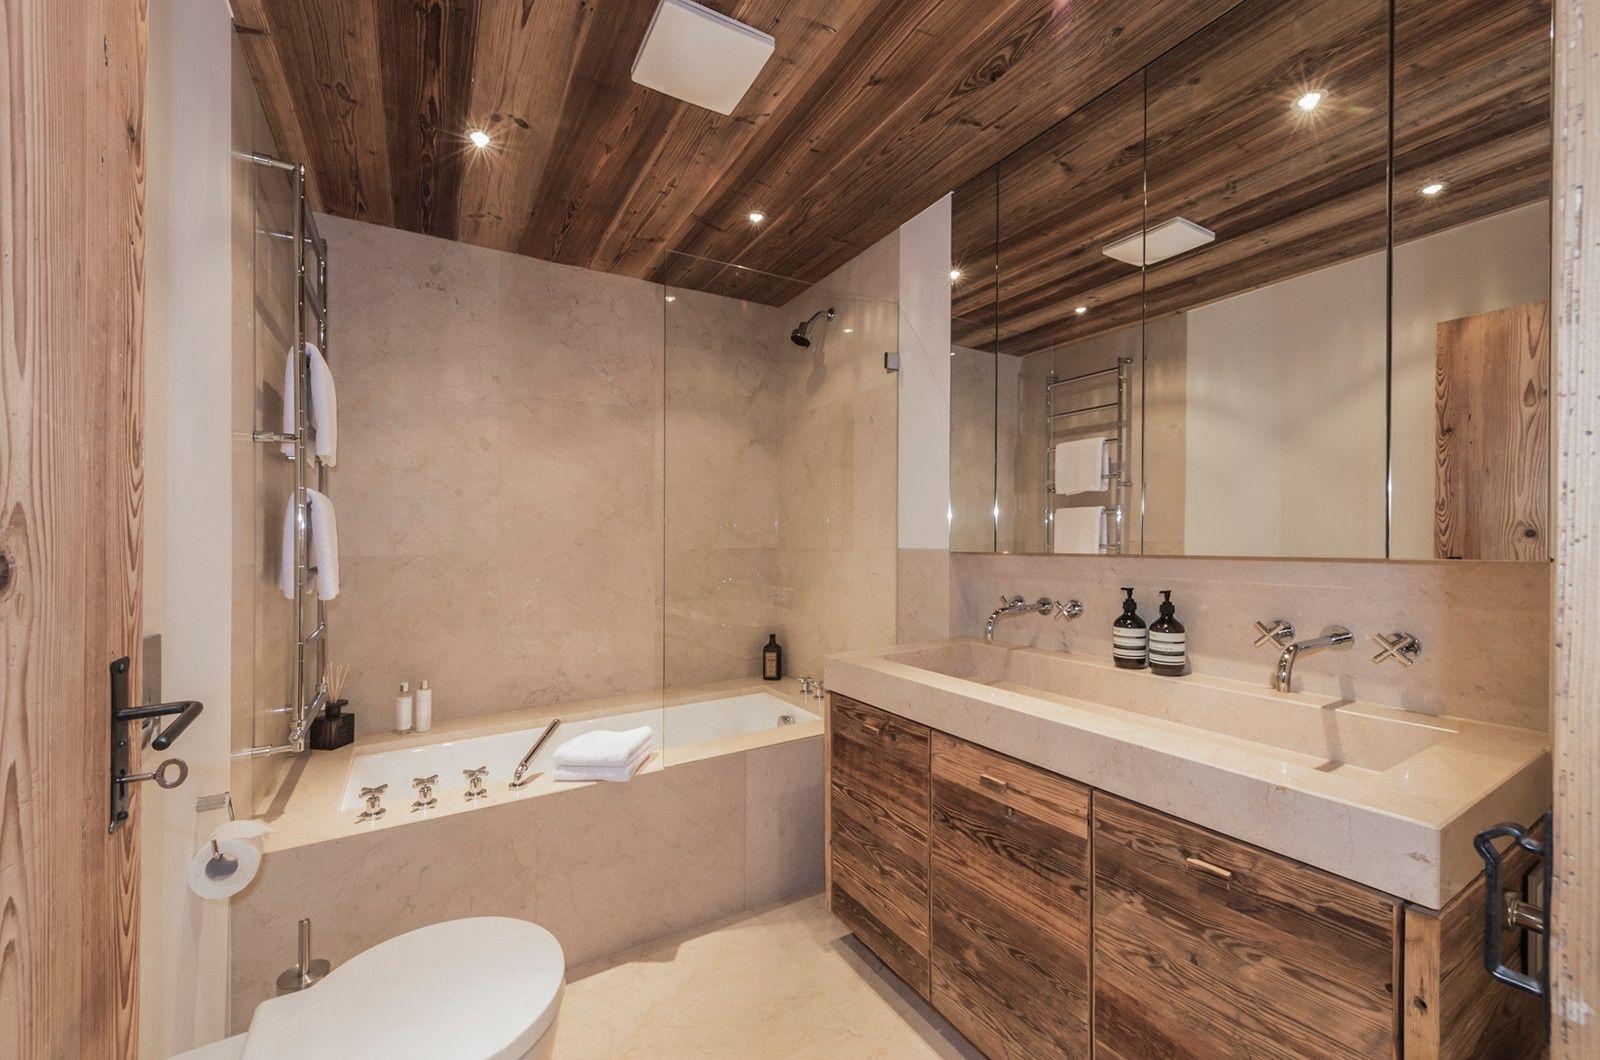 Eines Der 4 Badezimmer Im Bauernhaus Filzerhof In Tirol